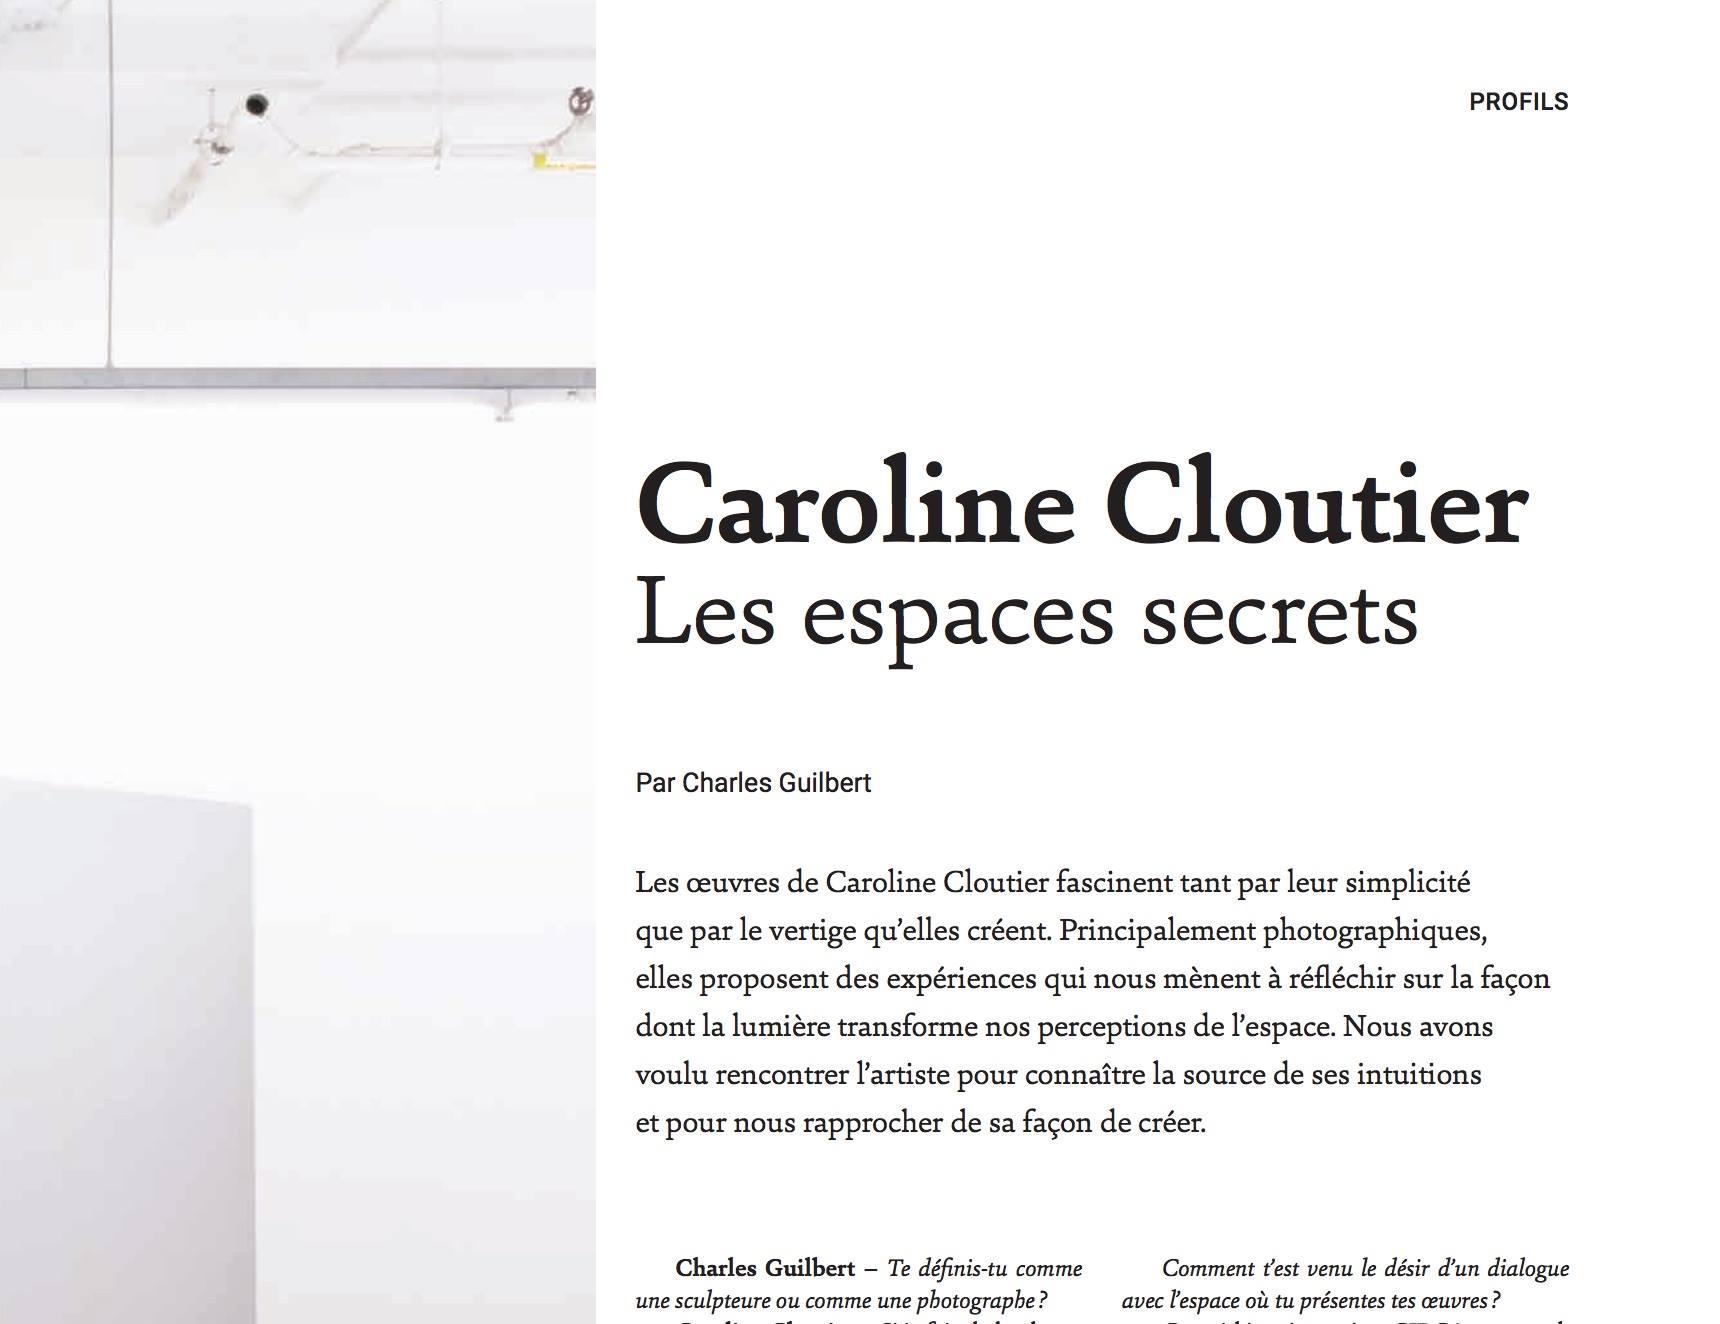 vie des arts - En kiosque maintenant! Entrevue menée par Charles Guilbert pour la revue Vie des Arts, no 254. Pour plus d'information: viedesarts.com